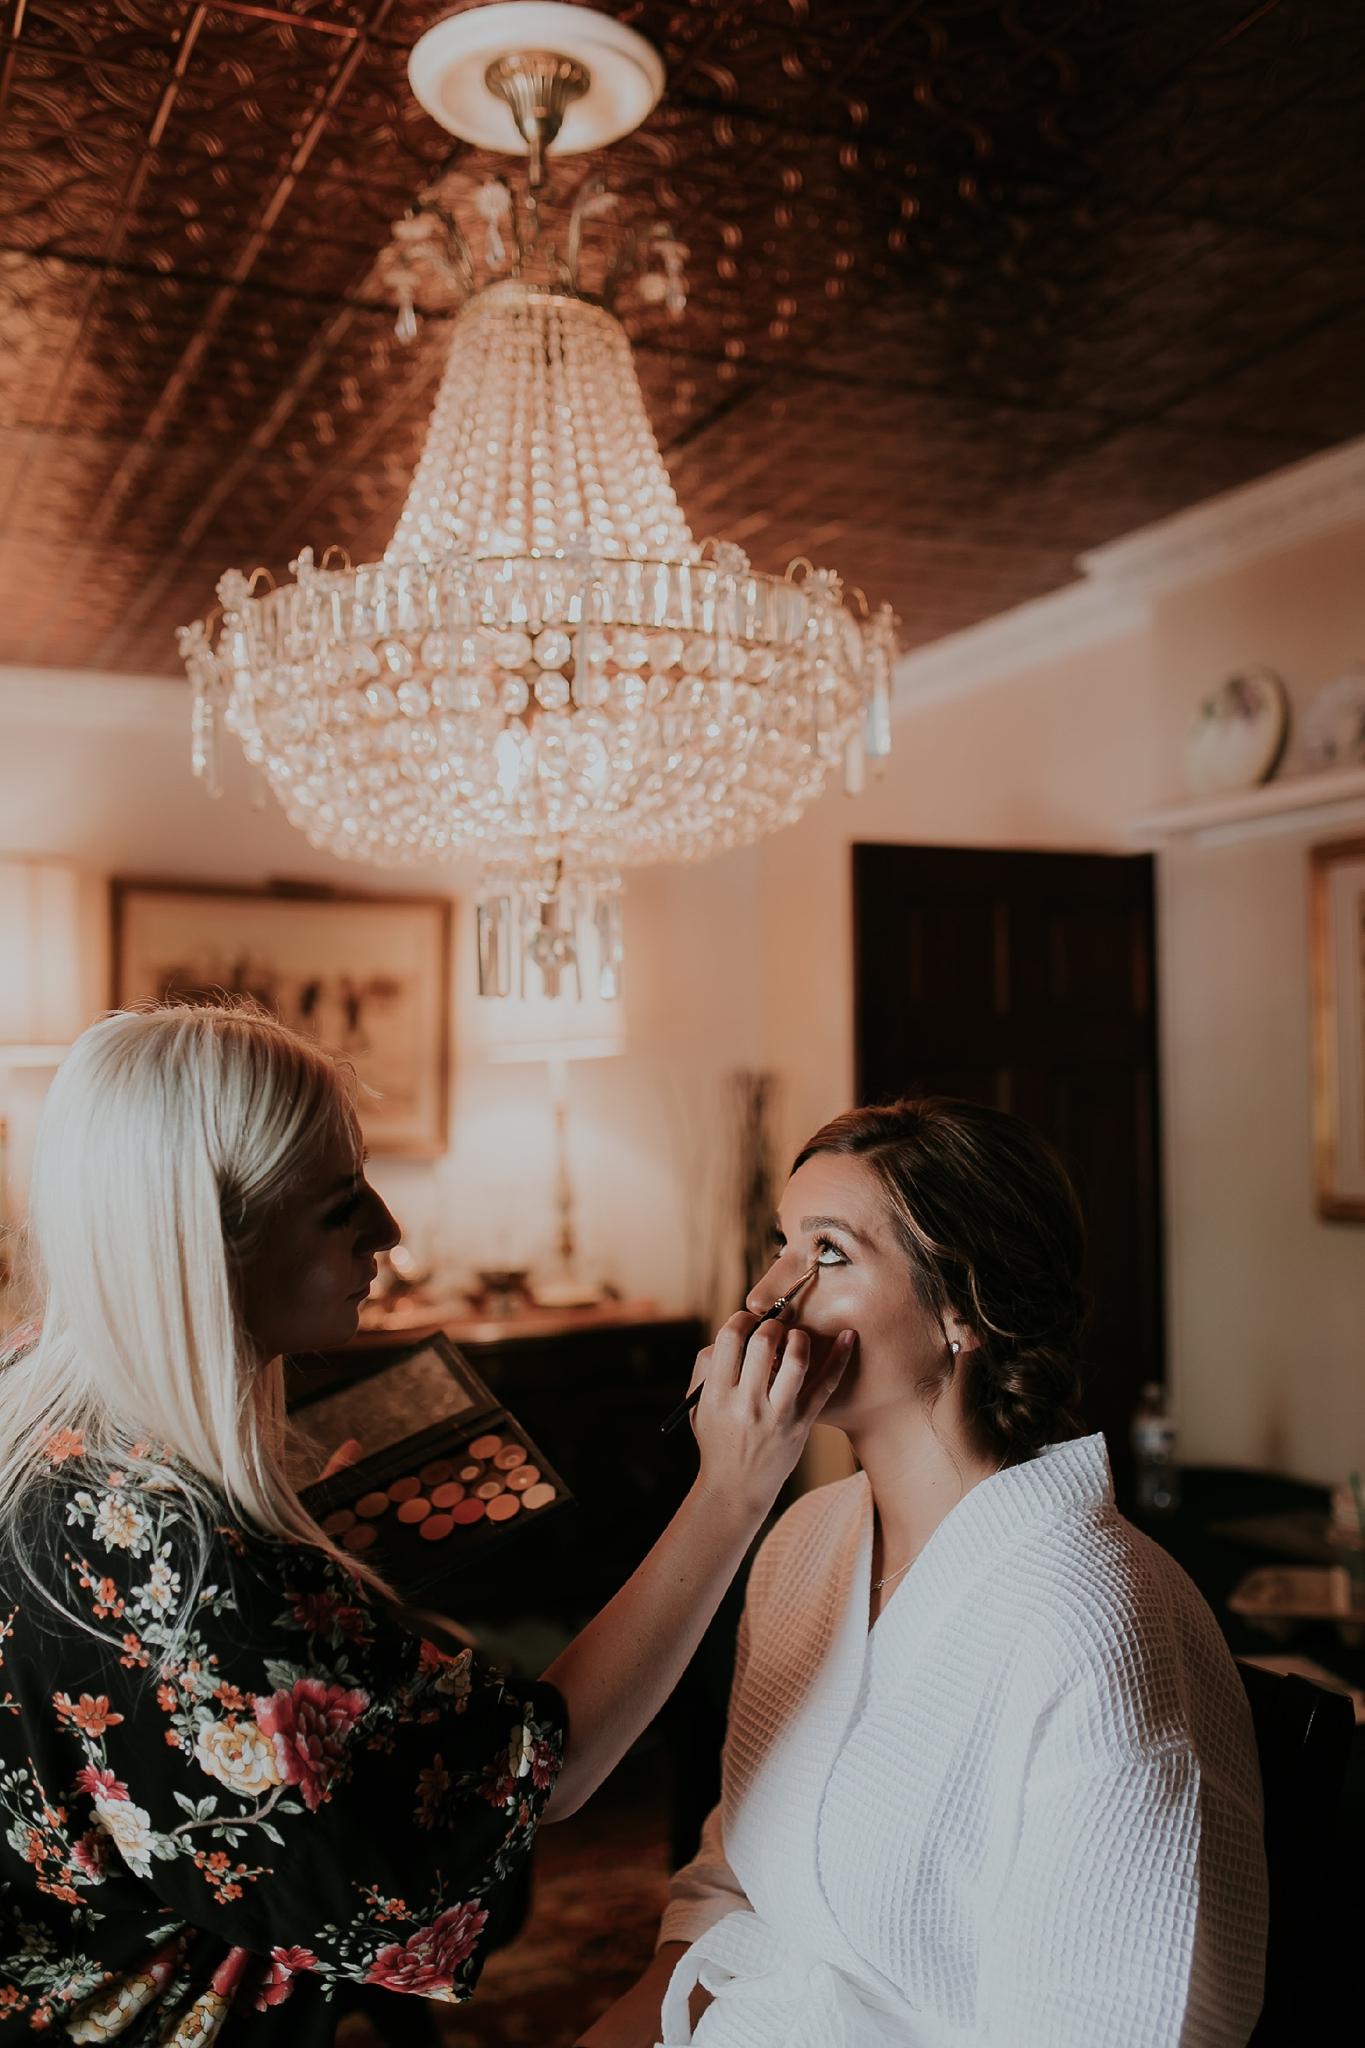 Alicia+lucia+photography+-+albuquerque+wedding+photographer+-+santa+fe+wedding+photography+-+new+mexico+wedding+photographer+-+new+mexico+wedding+-+wedding+makeup+-+makeup+artist+-+wedding+makeup+artist+-+bridal+makeup_0072.jpg